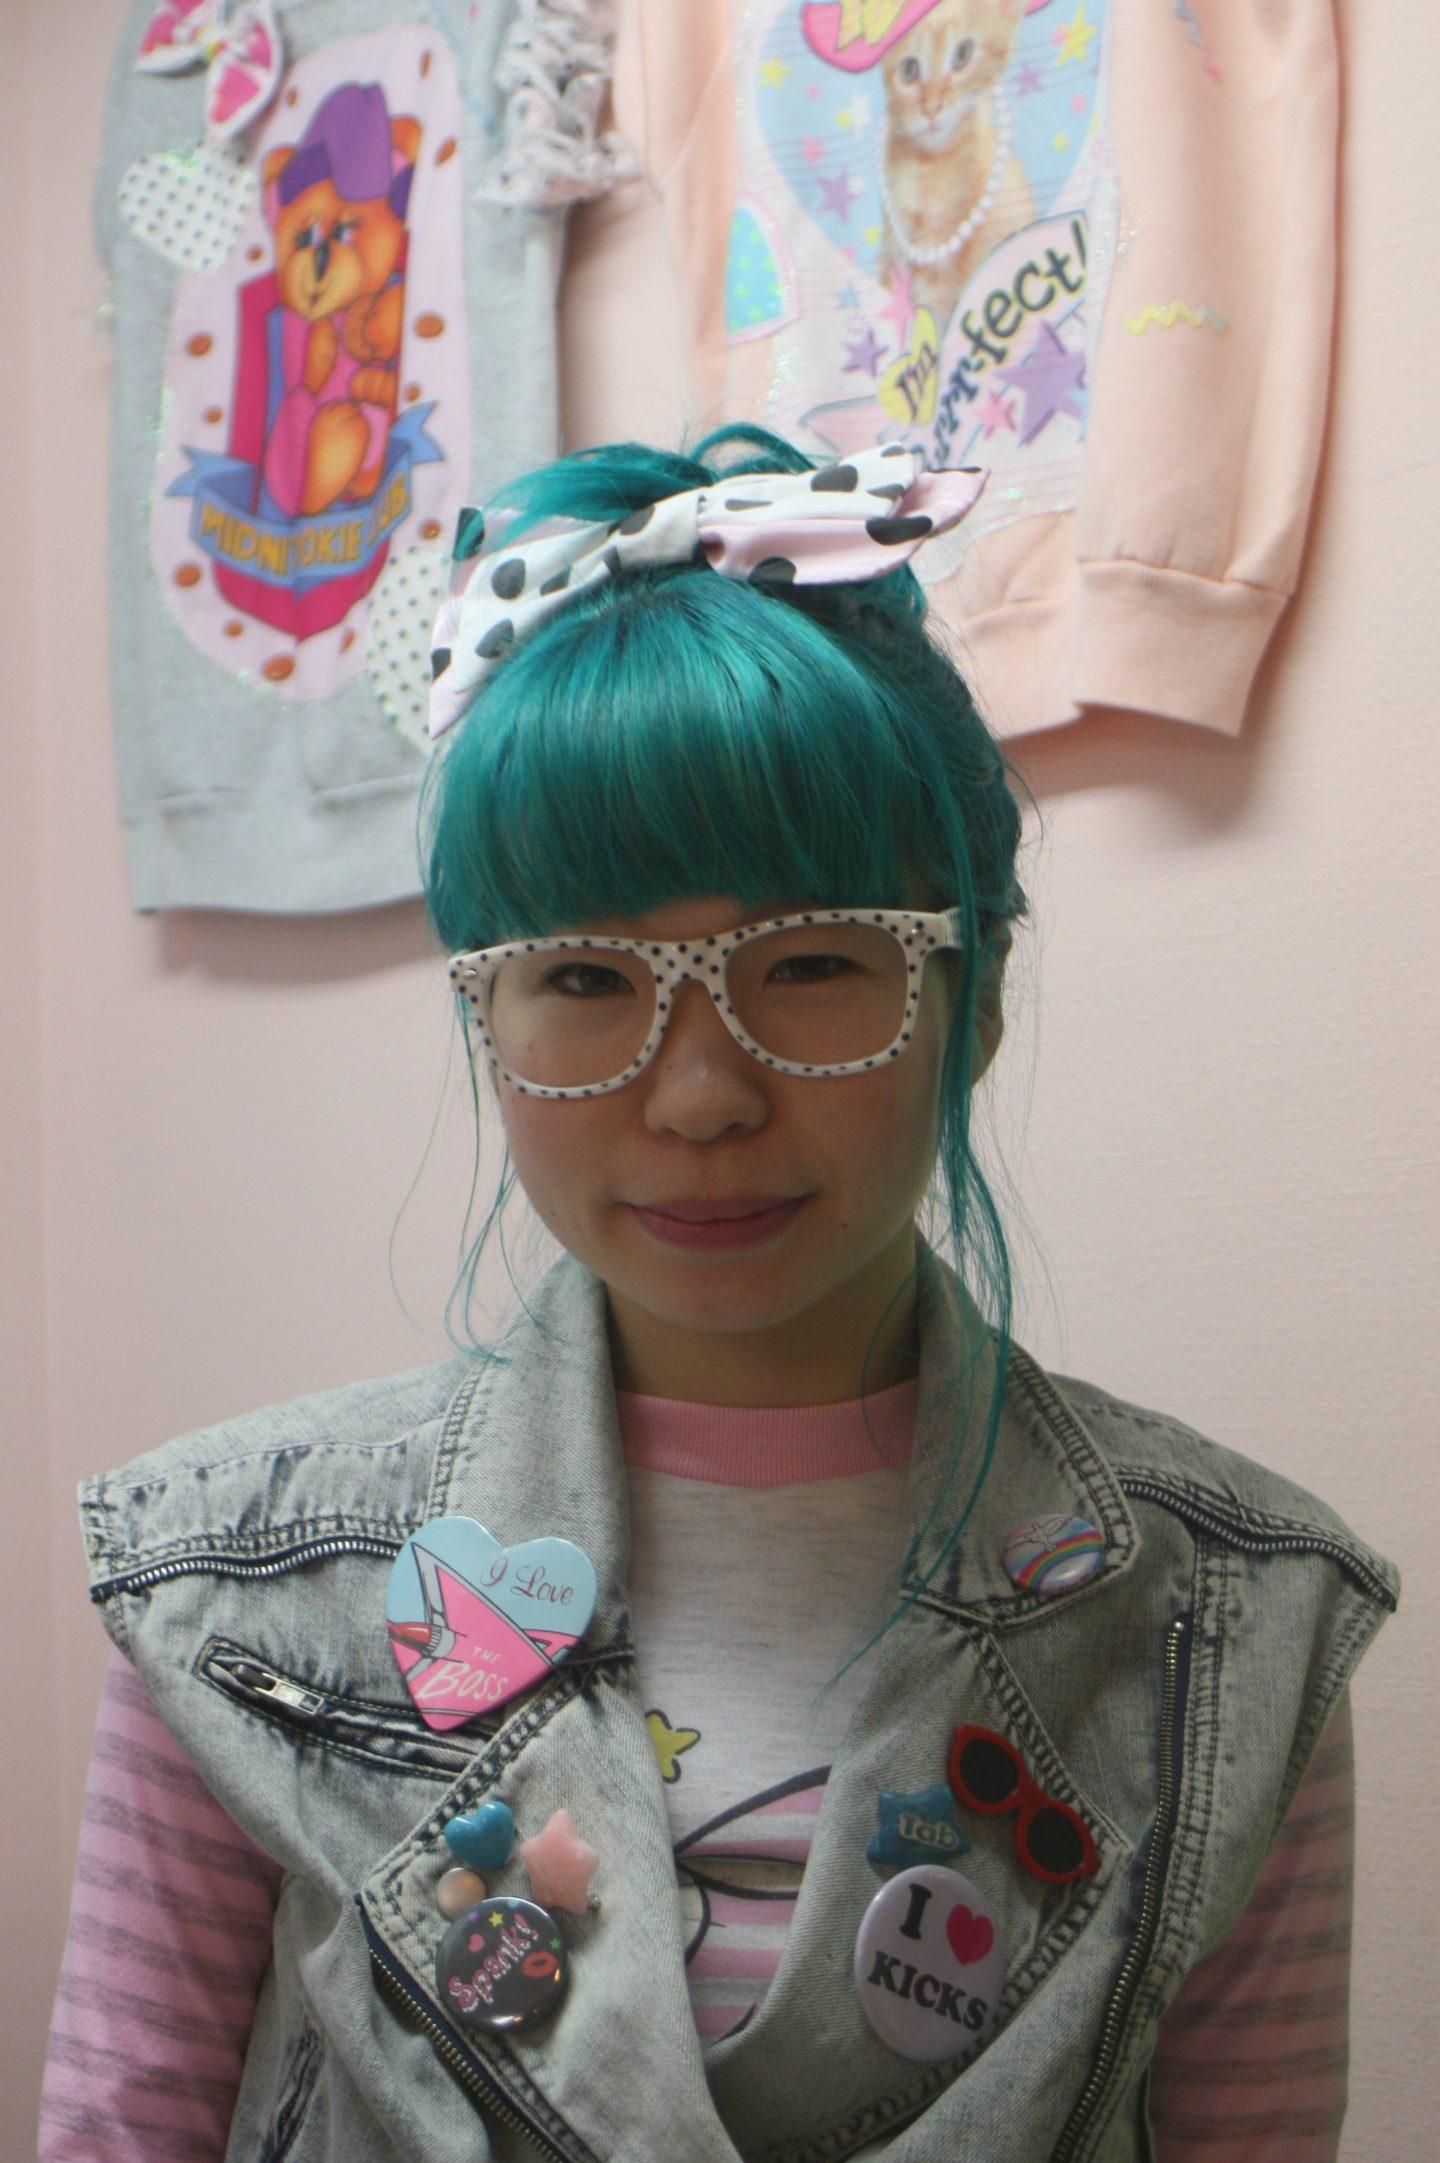 Japanerin mit Brille und grünen Haaren posiert für ein Foto